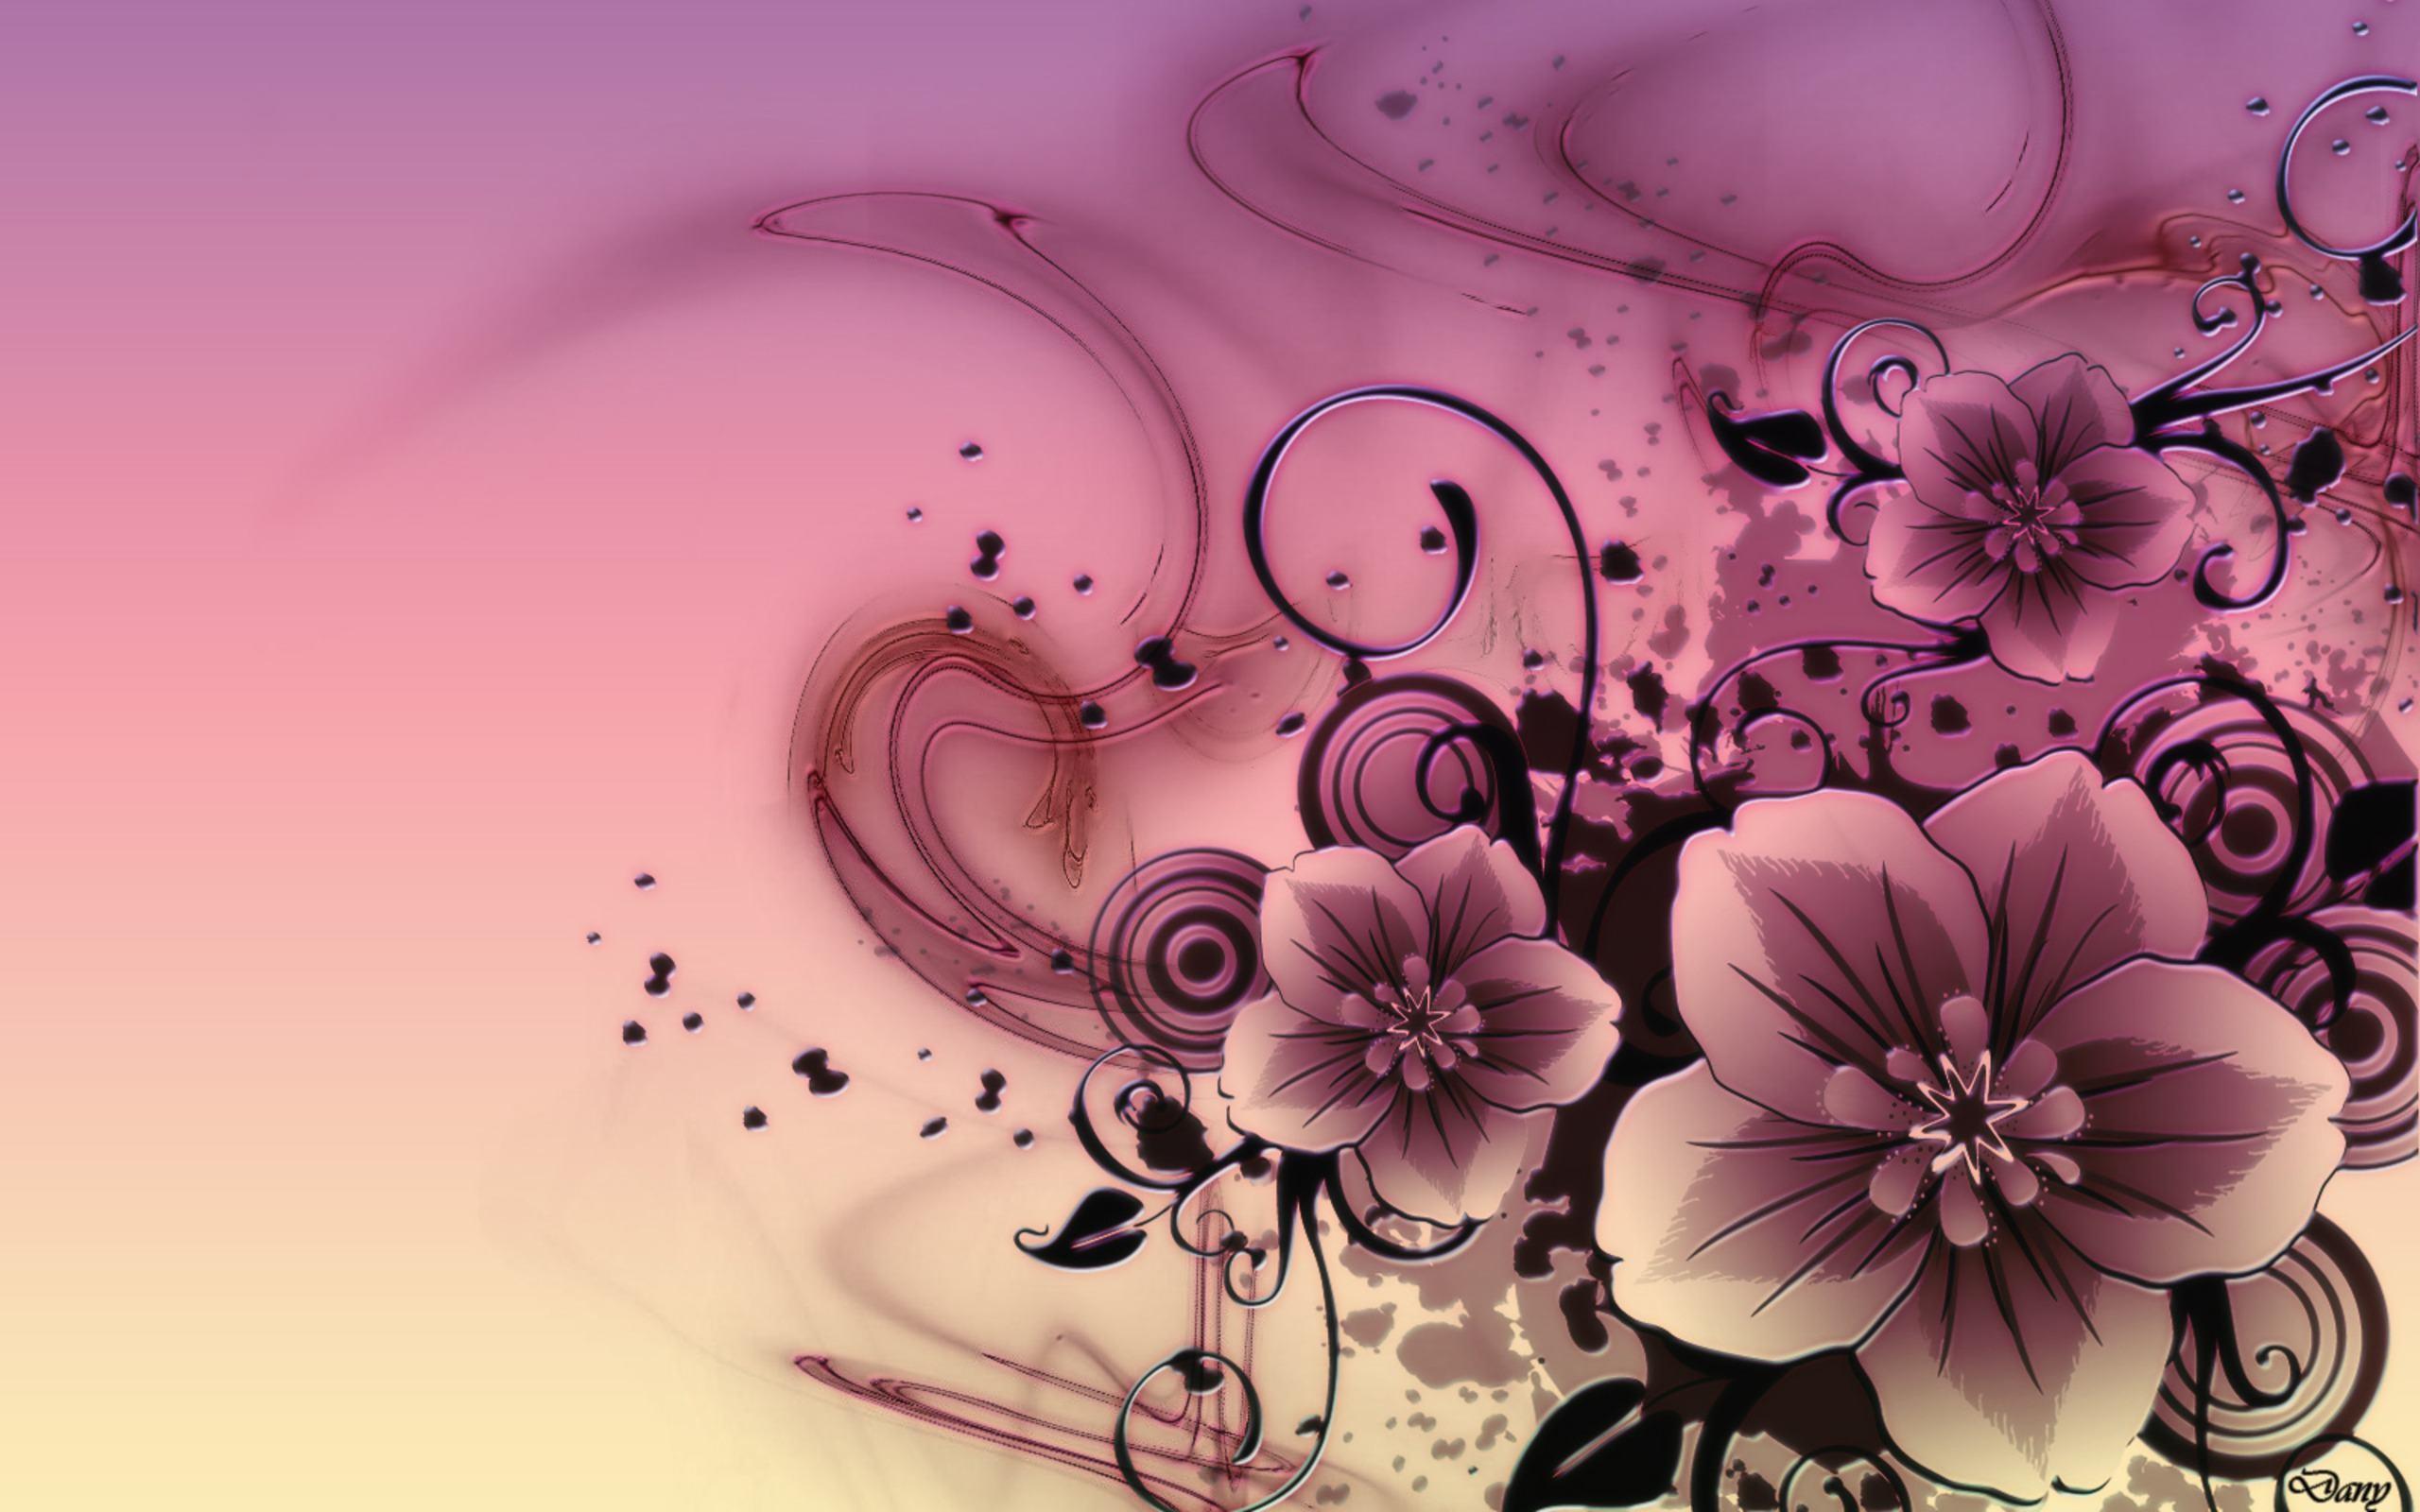 1920x1080 Desktop Wallpaper Hd 3D Full Screen Flowers Hd Background 9 HD .